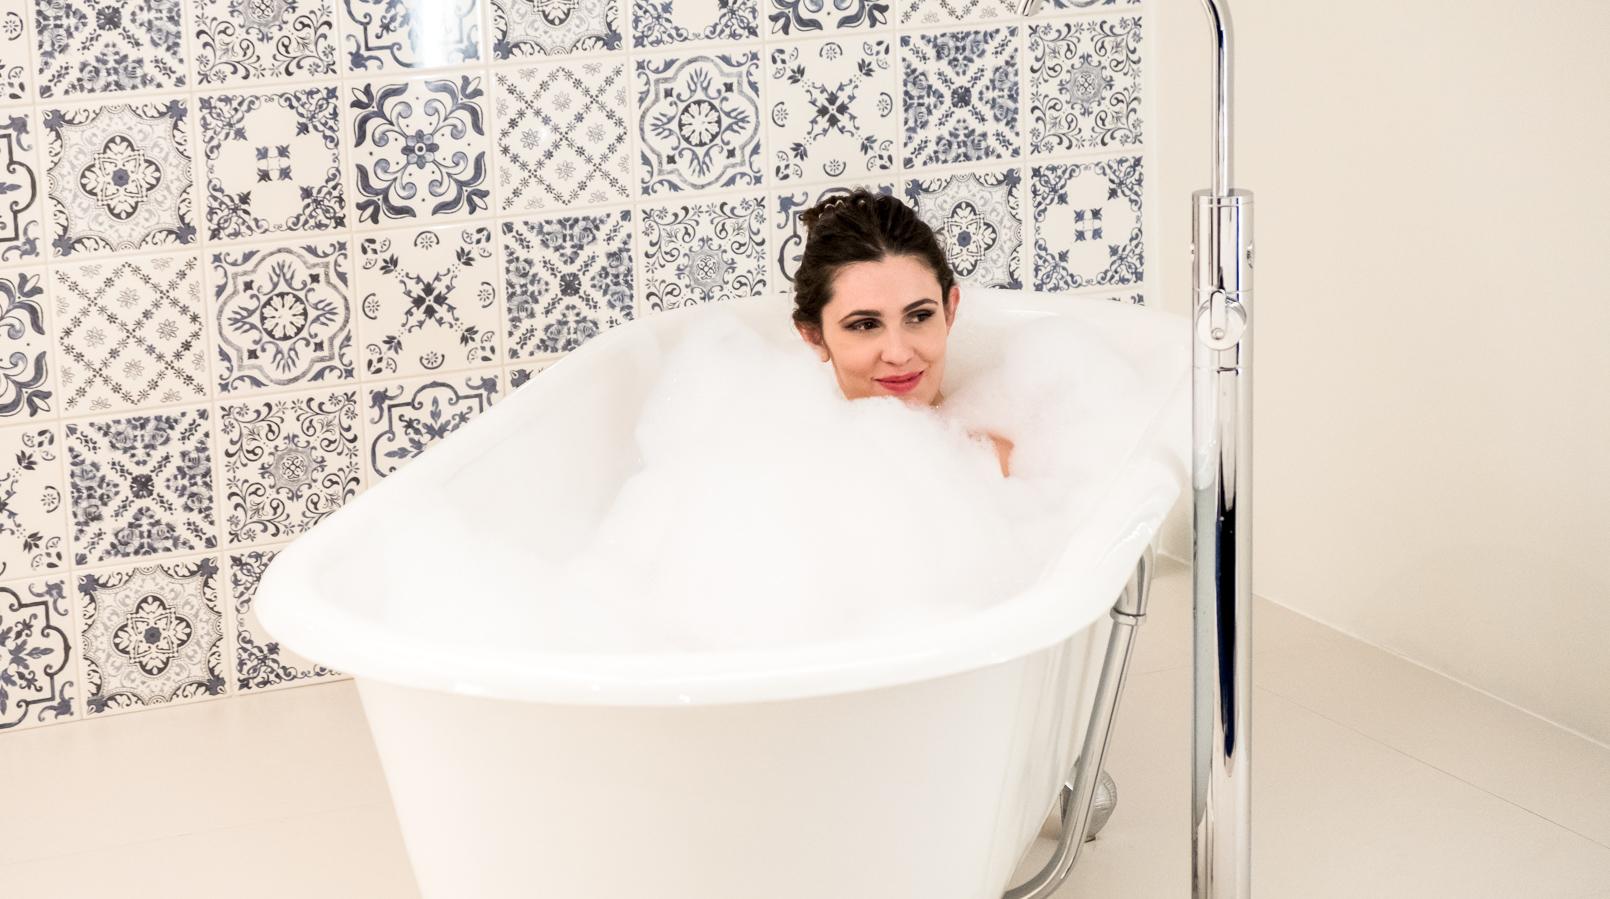 Le Fashionaire Encontrei o Cristal no coração do Porto hotel cristal porto banheira estilo vitoriana espuma branca banho espuma azulejos azul branco 3810F PT